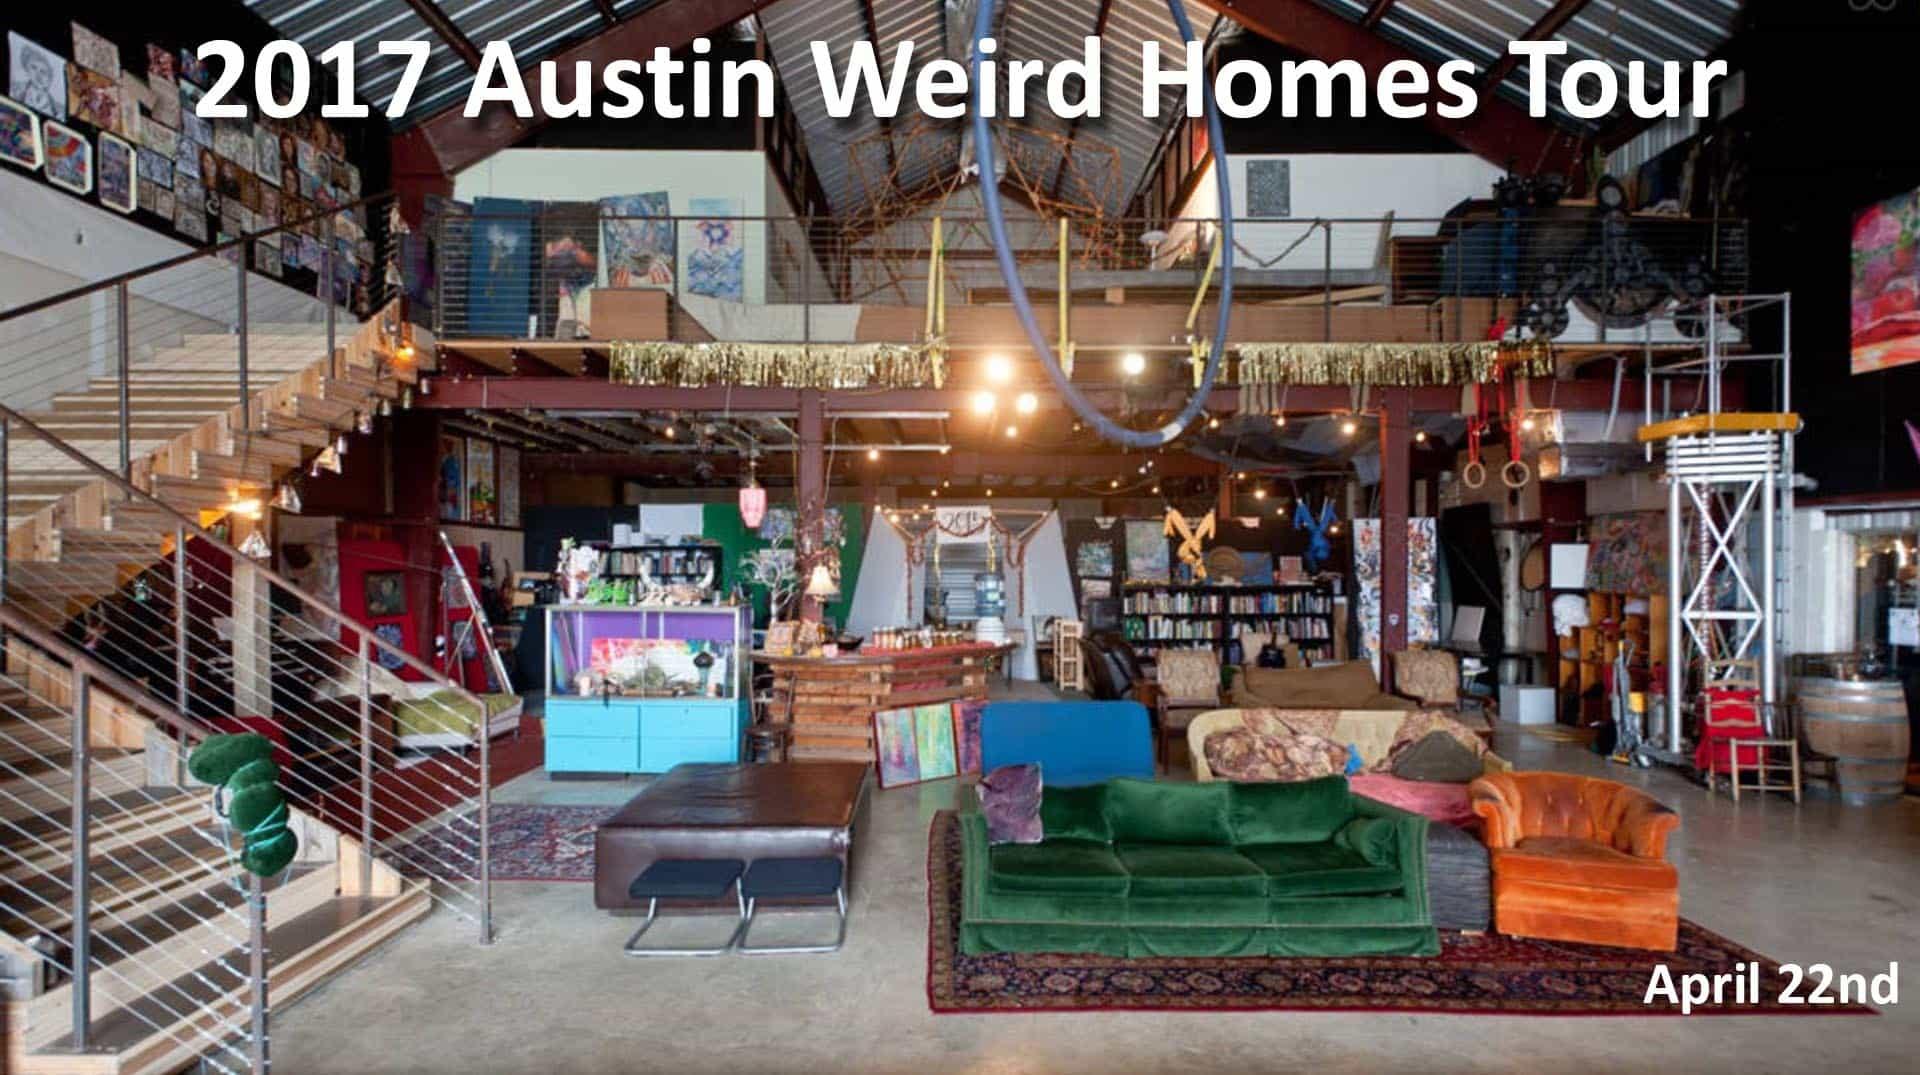 Austin Weird Homes